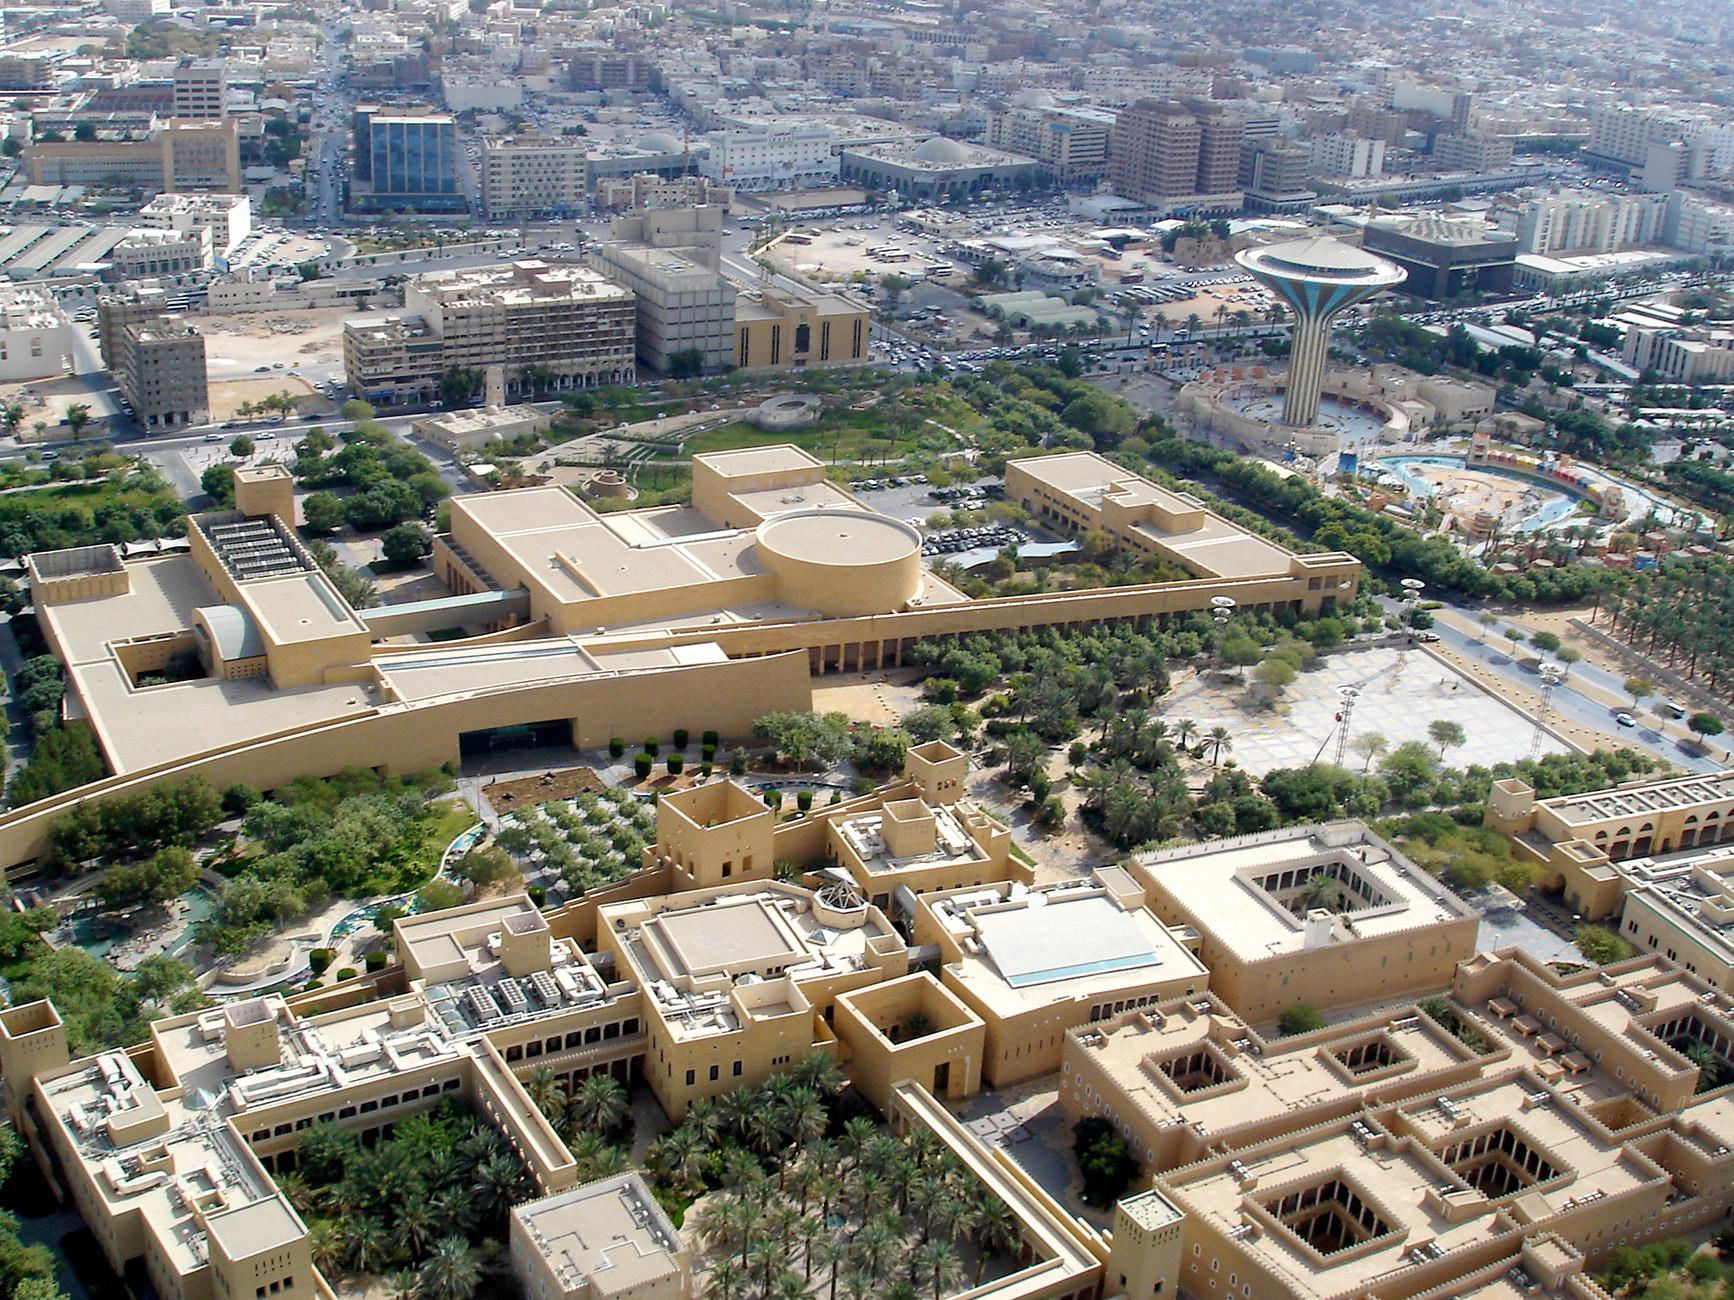 المتحف الوطني للمملكة العربية السعودية